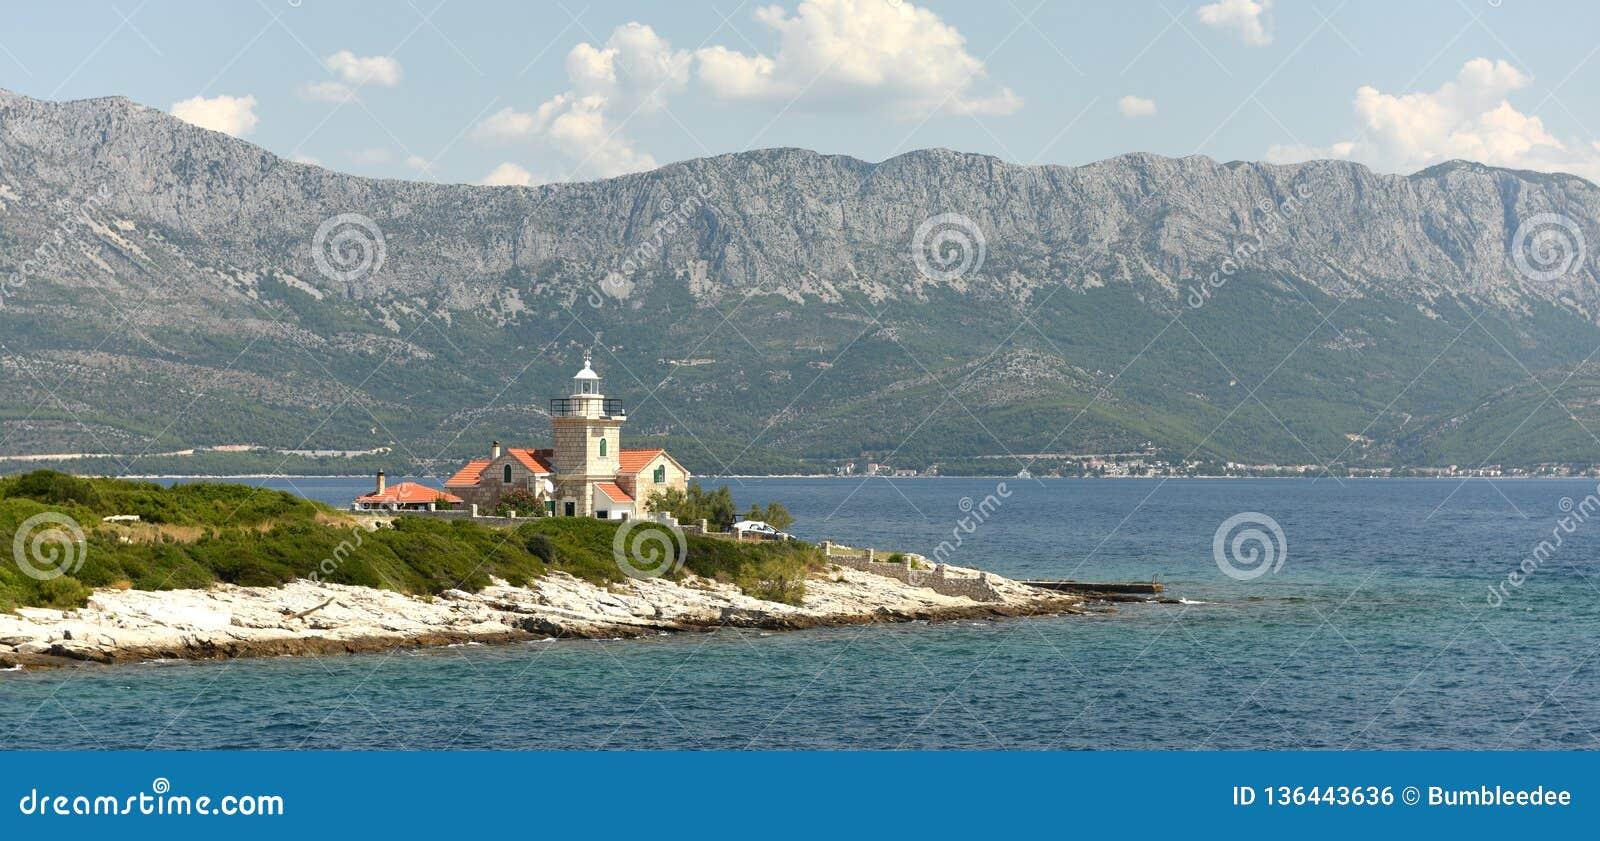 Sucuraj Lighthouse on island Hvar, Croatia